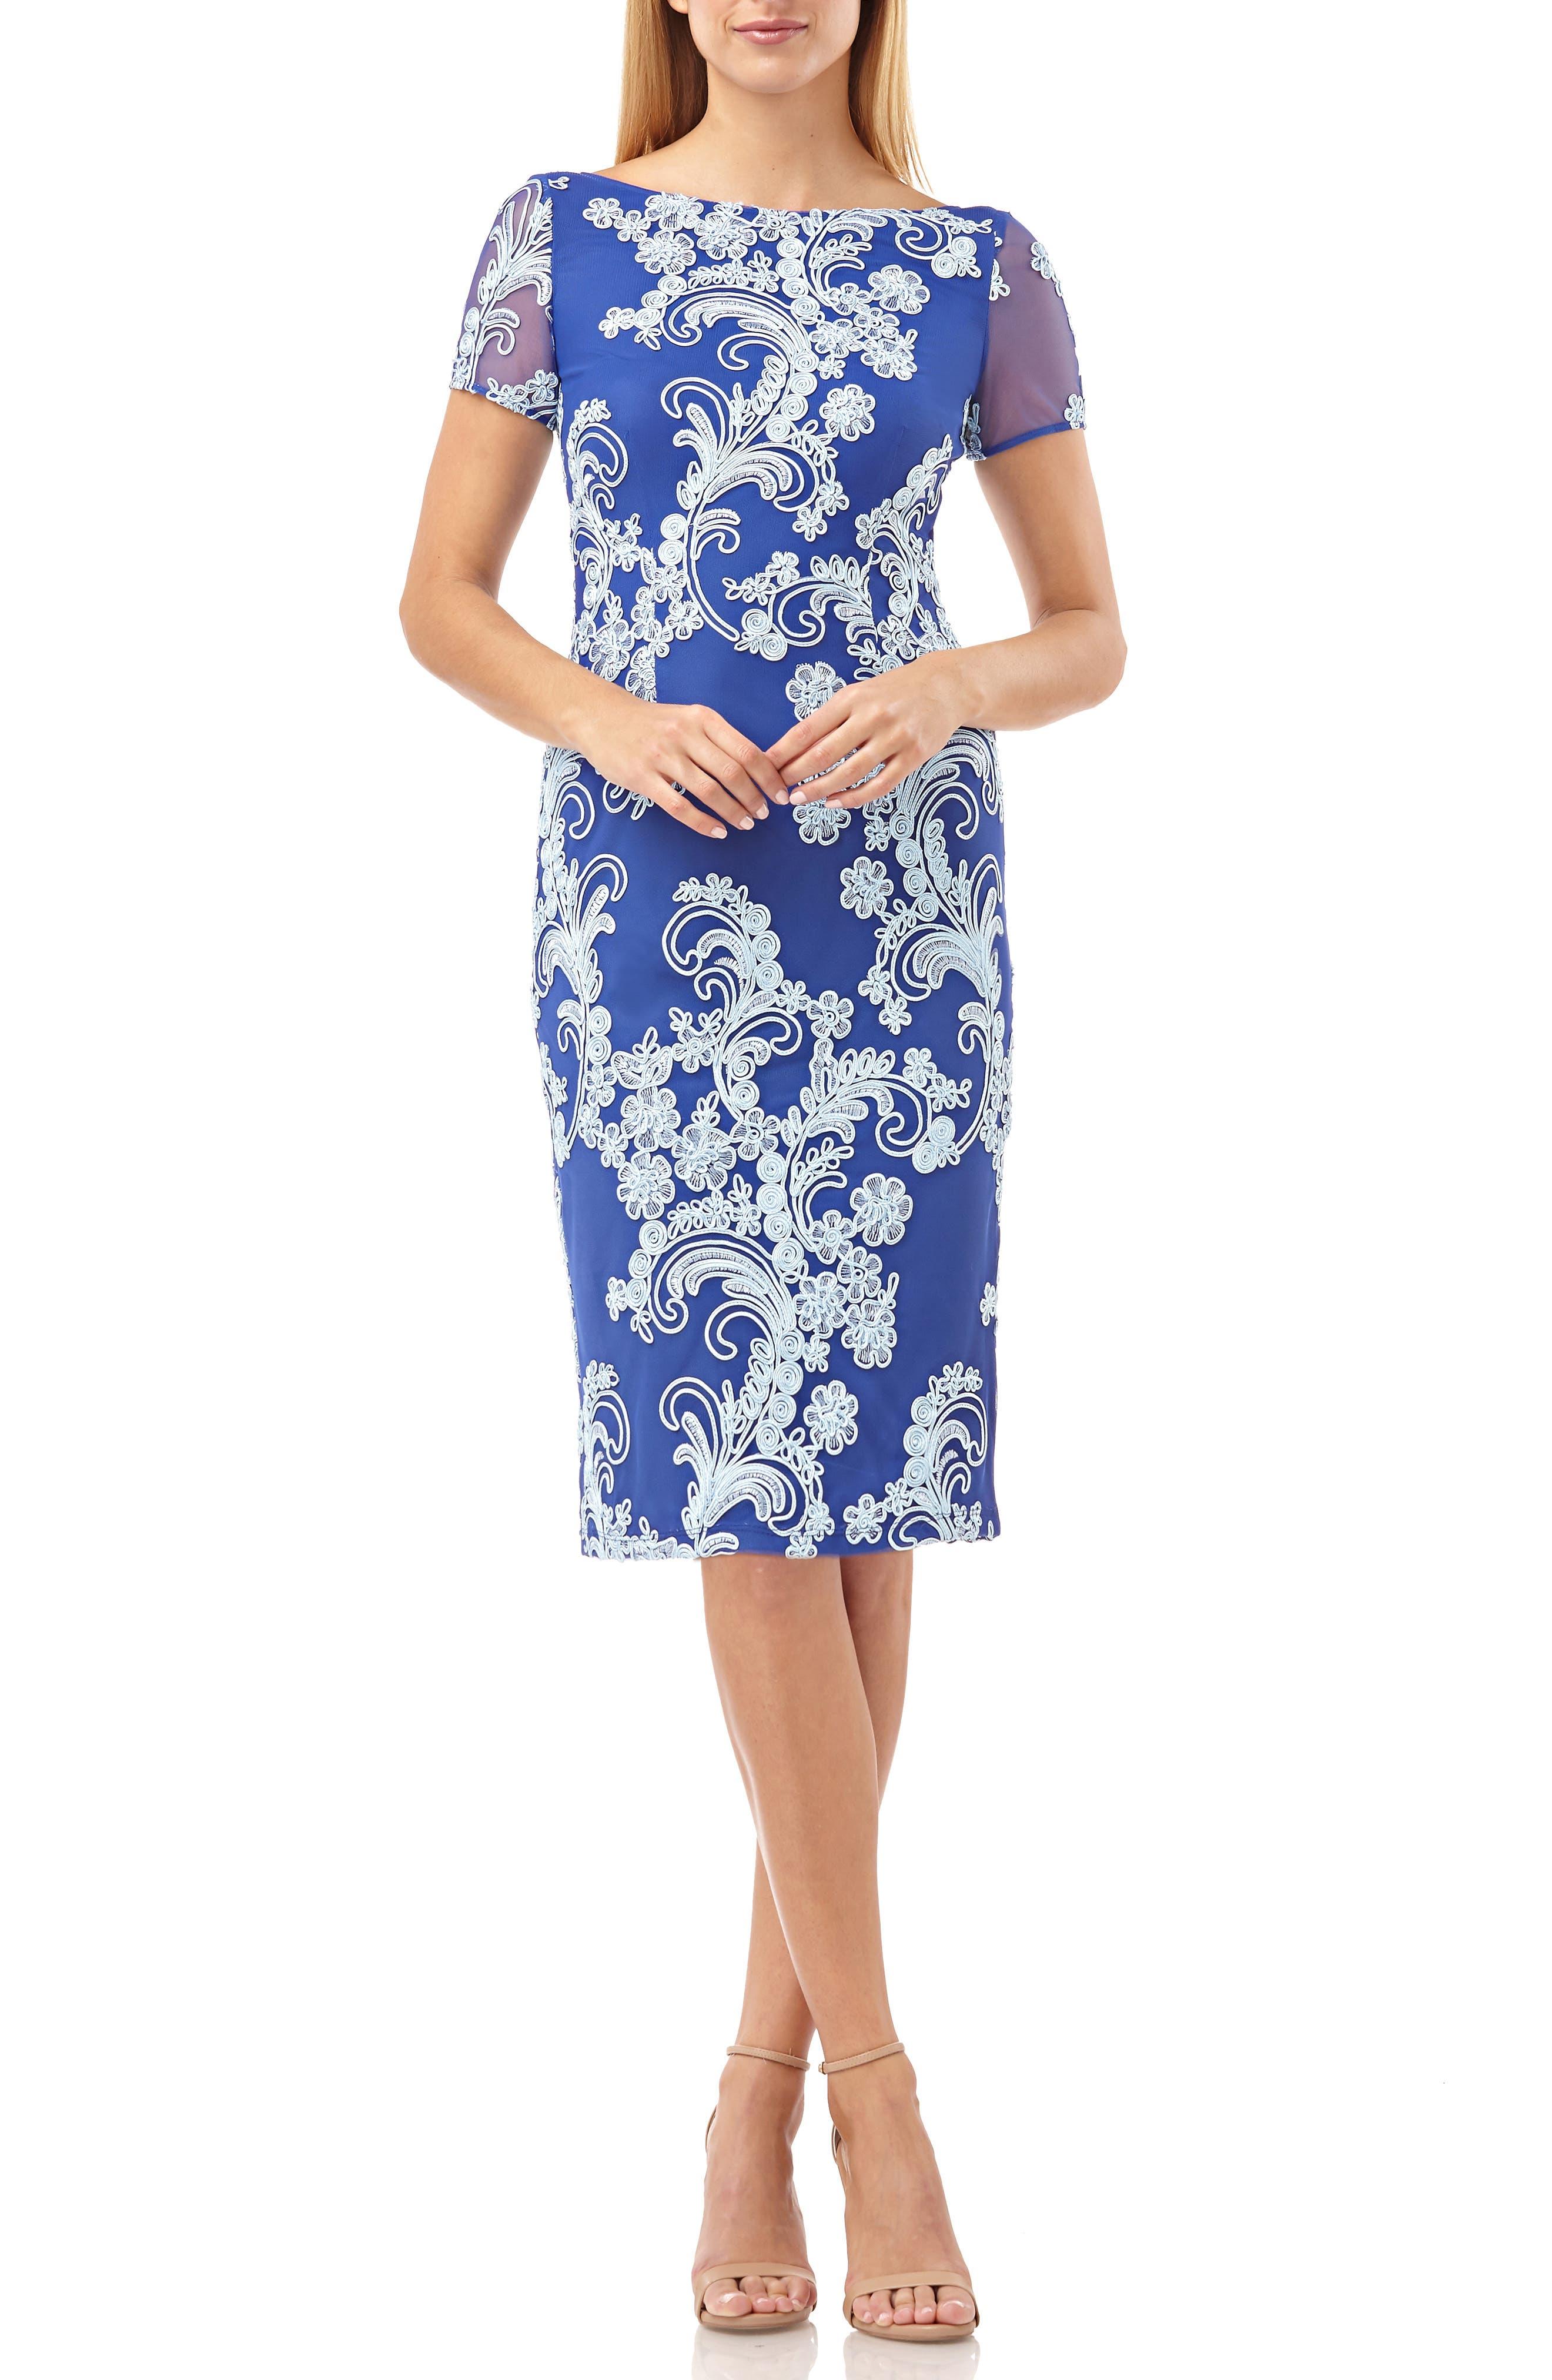 Js Collections Soutache Cocktail Sheath Dress, Blue